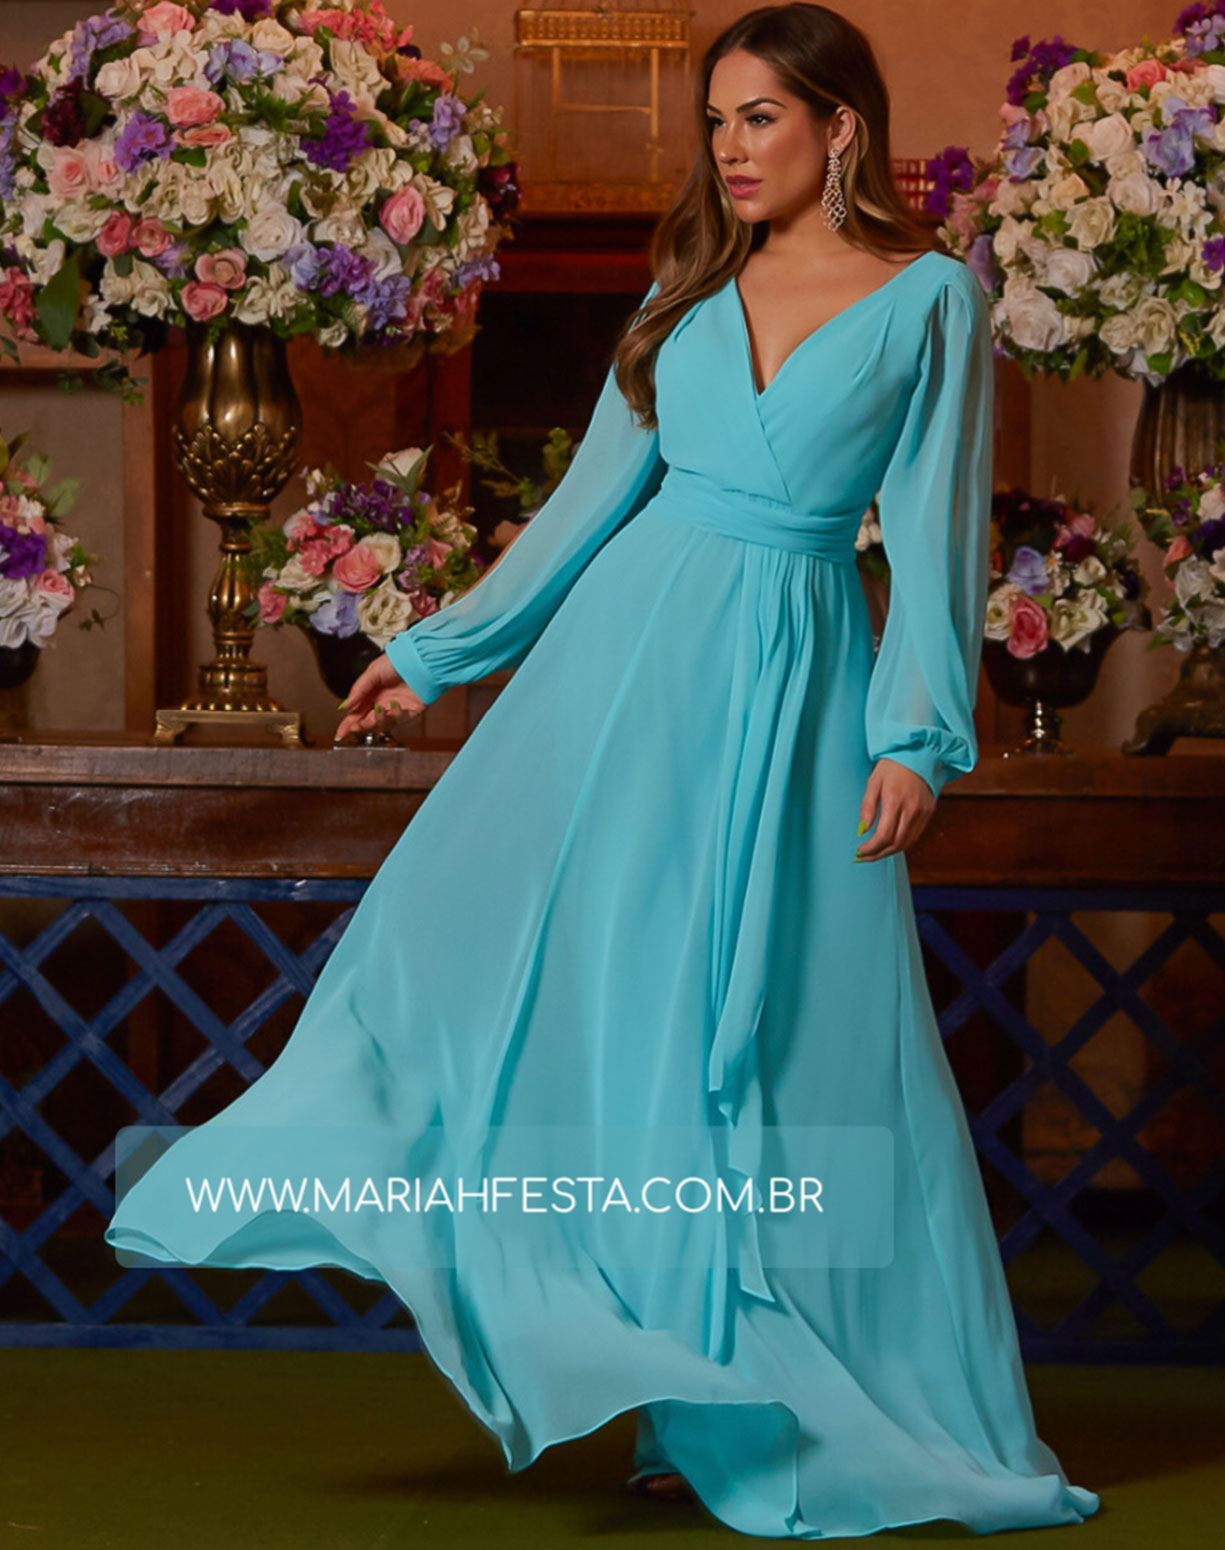 Vestido Tiffany Manga Longa com Decote nas Costas